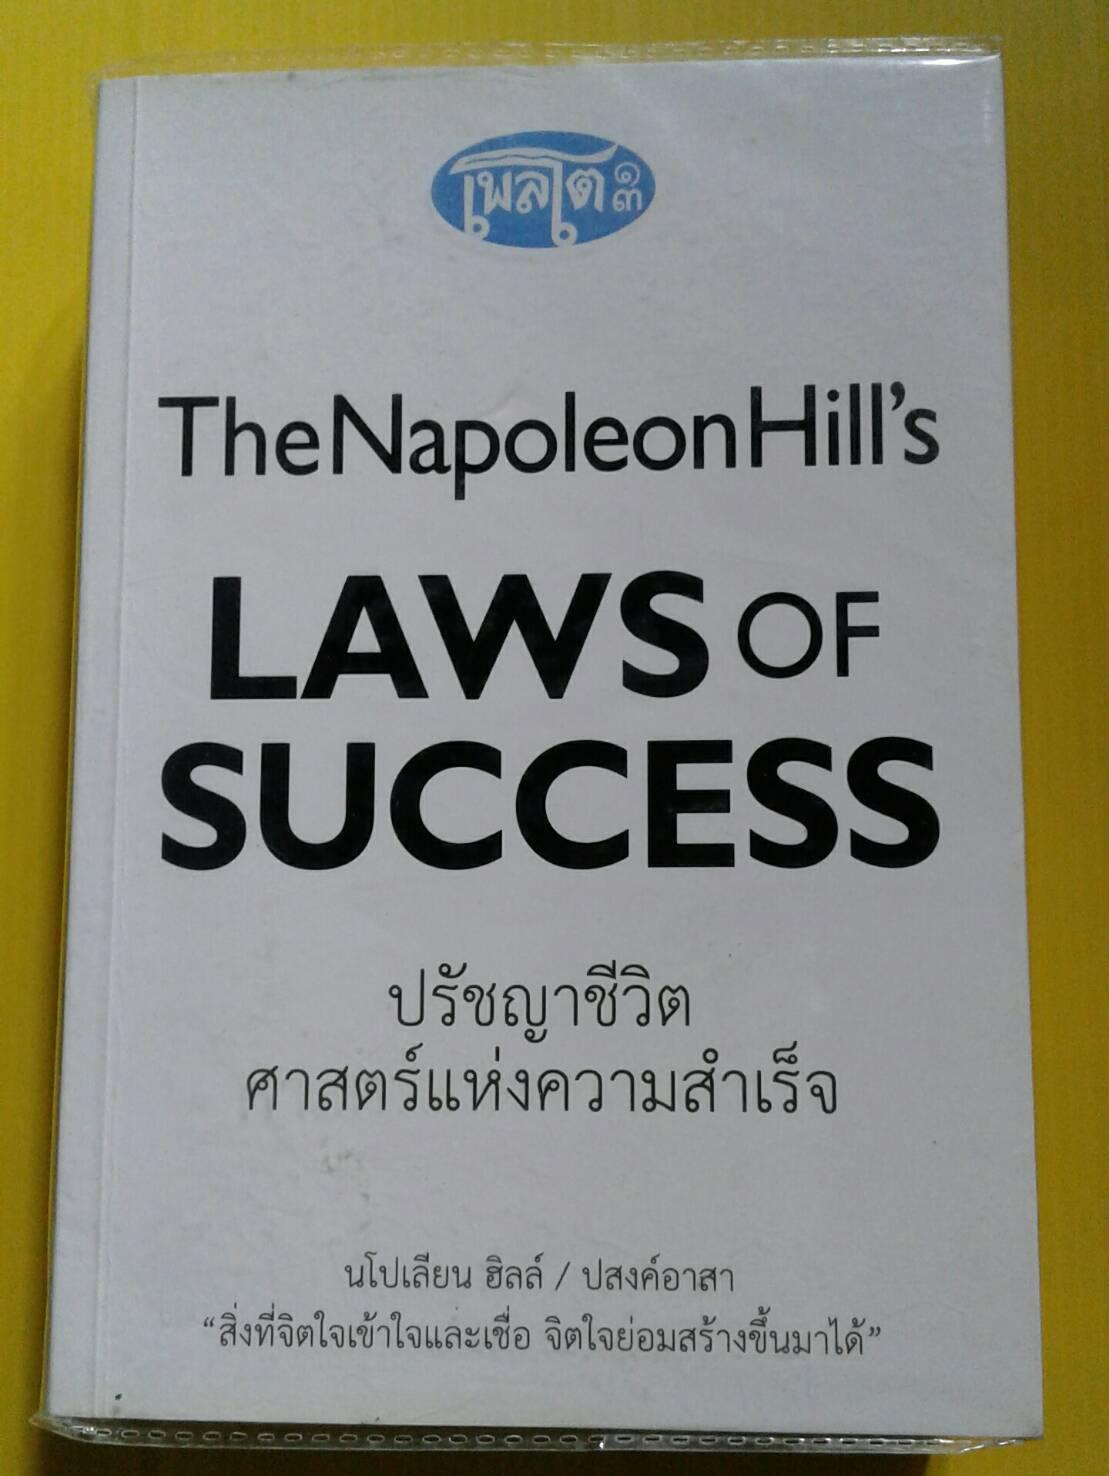 ปรัชญาชีวิตศาสตร์แห่งความสำเร็จ : The Napoleon Hill's Laws of Success